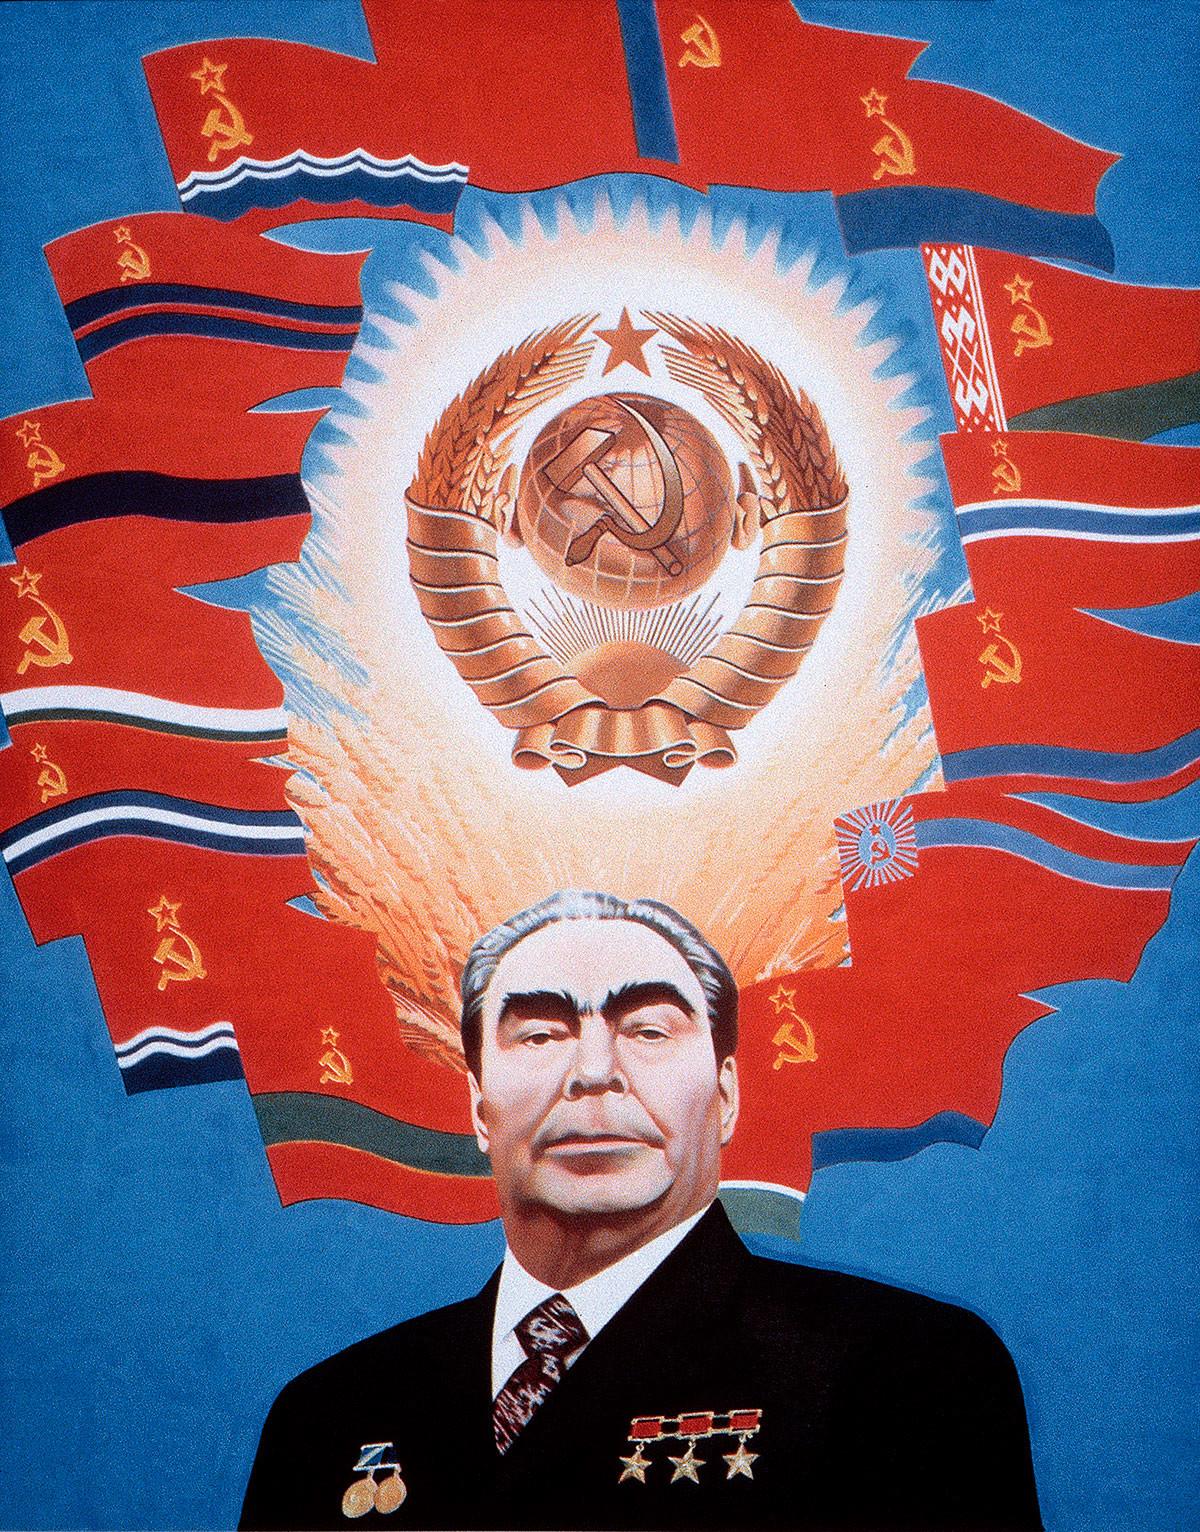 エリク・ブラートフ、ブレジネフ・ソ連の宇宙、1977年